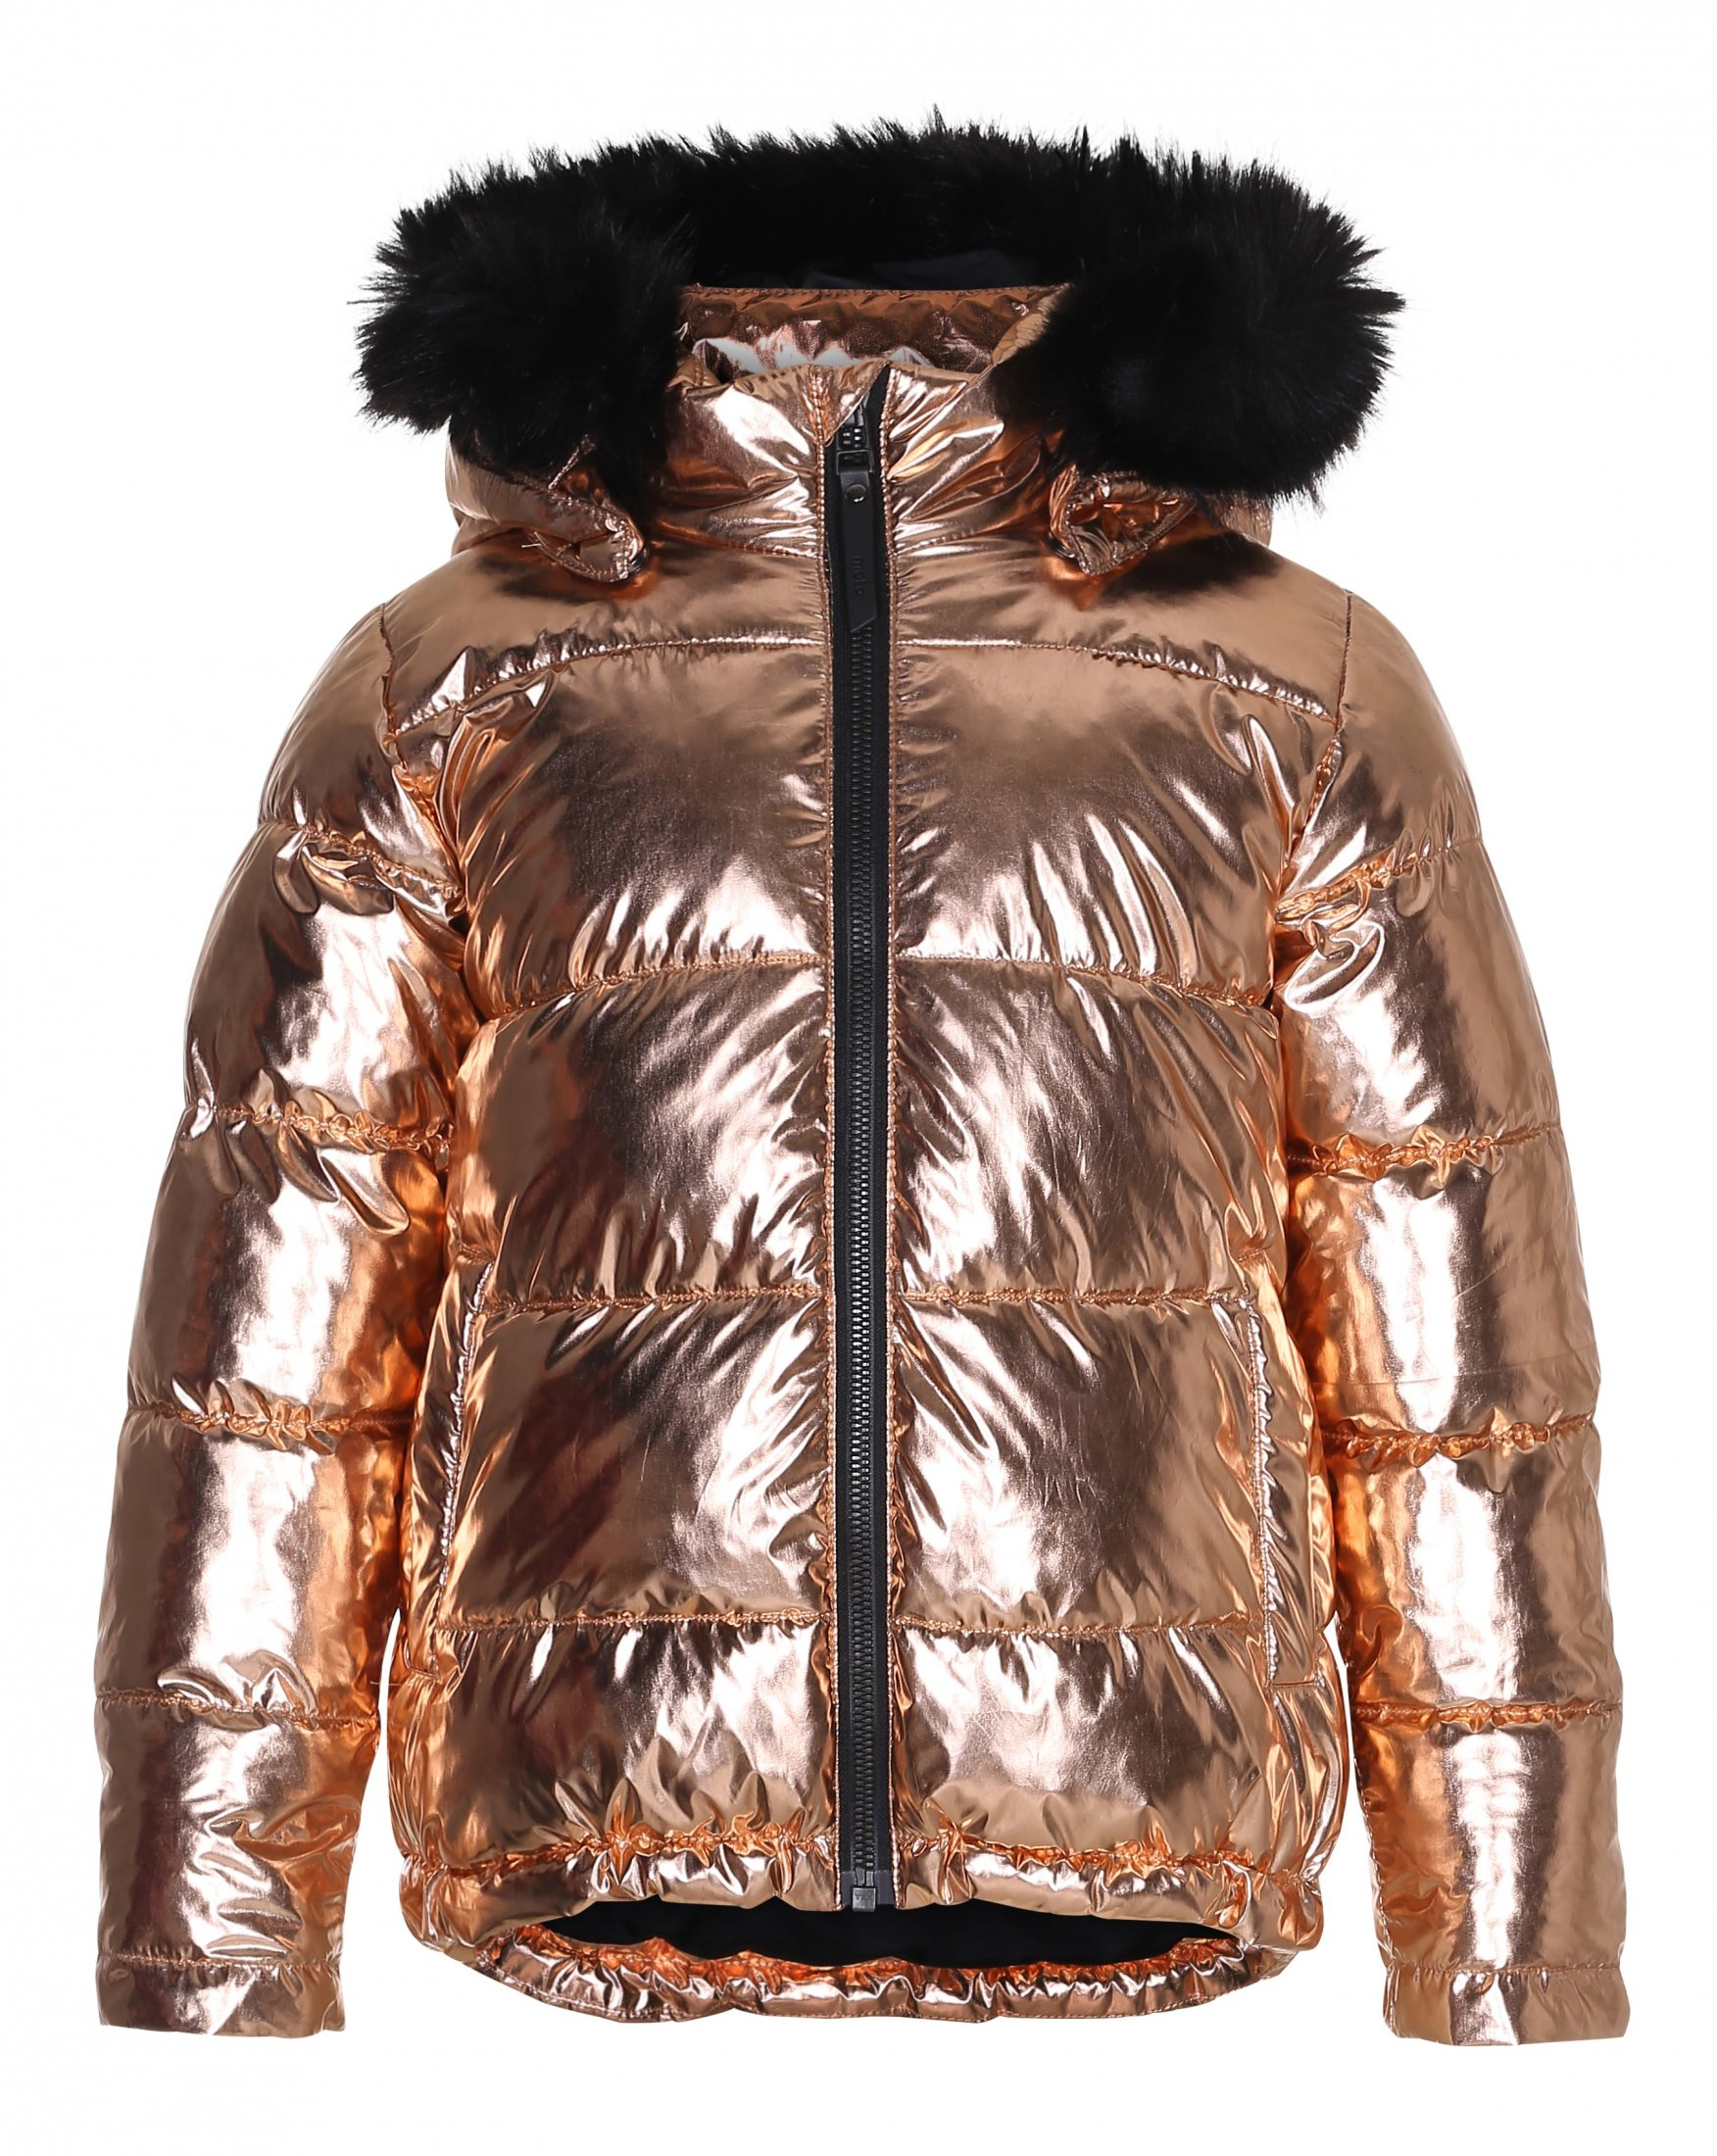 Gold Metallic Coat - £147